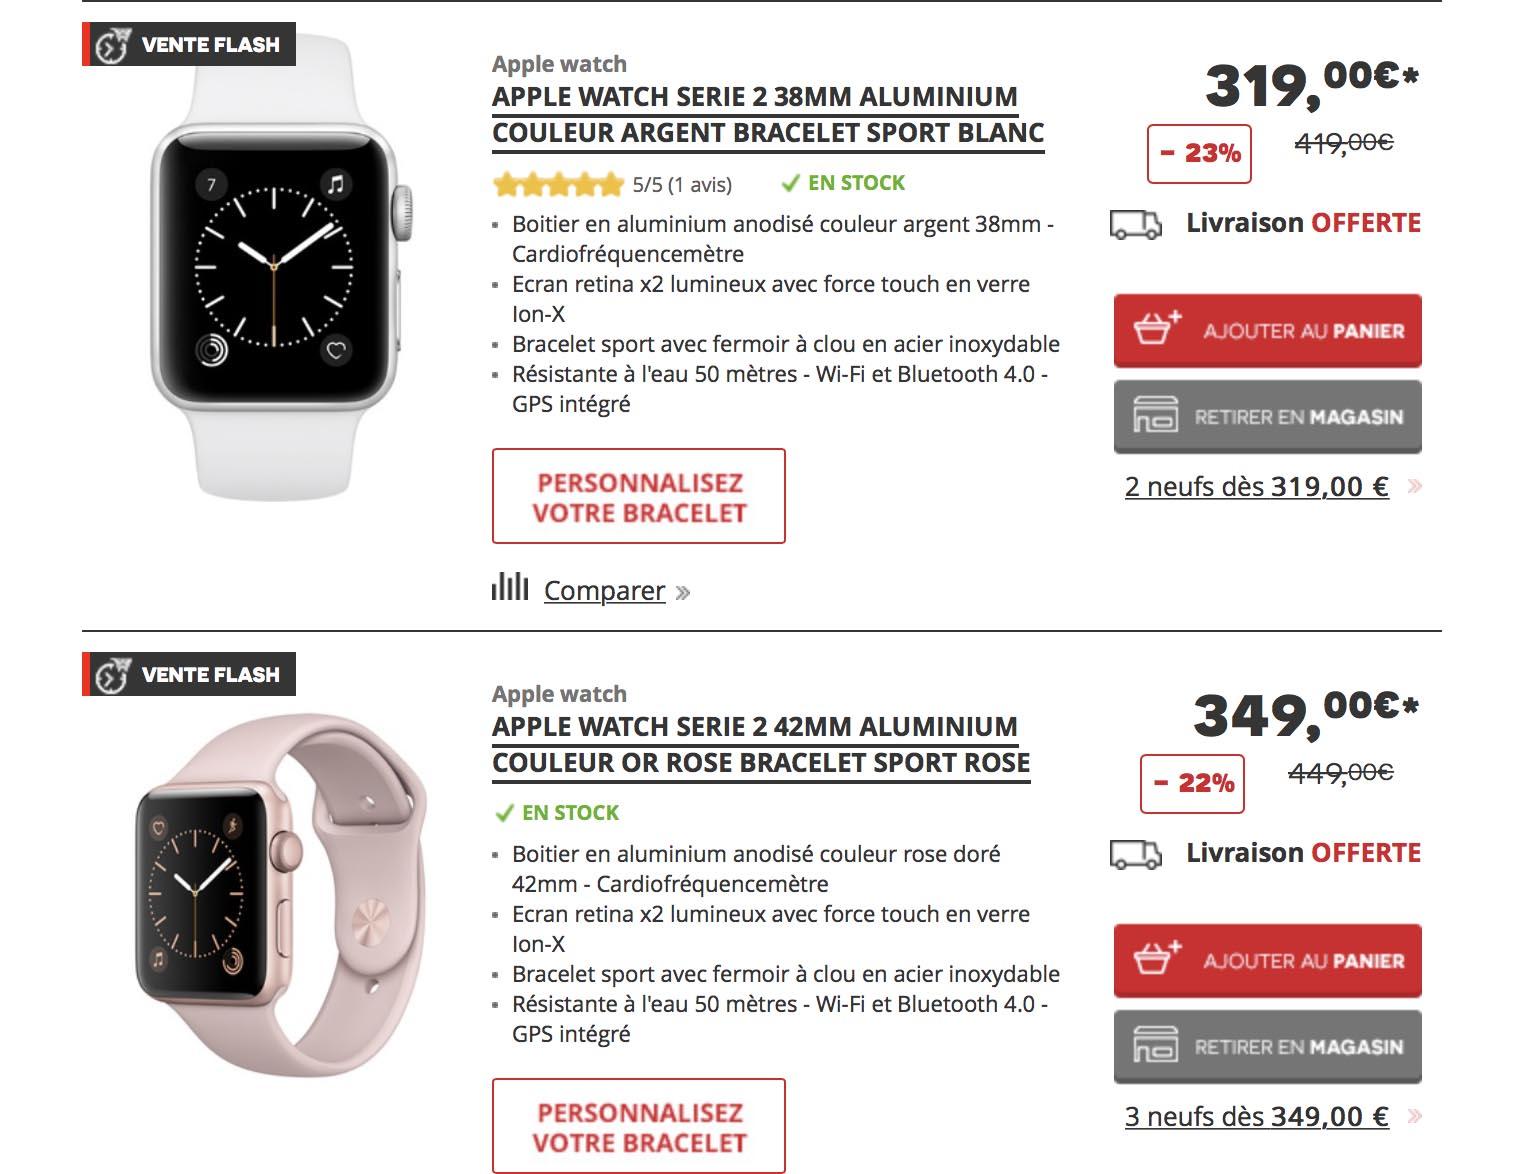 Apple Watch 2 Darty